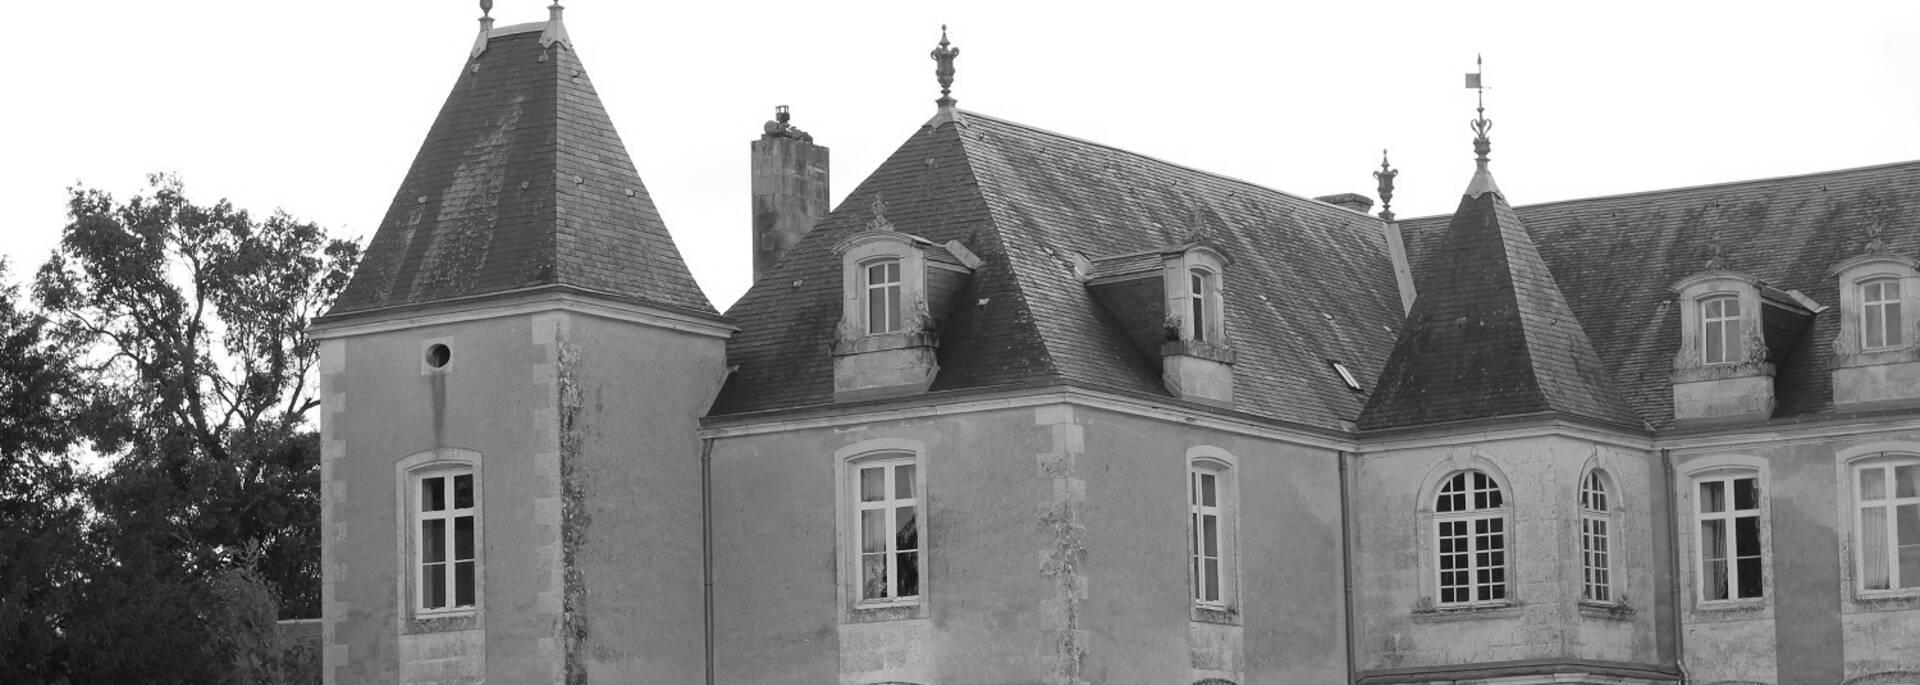 Château de Panloy - © P.Migaud / FDHPA17